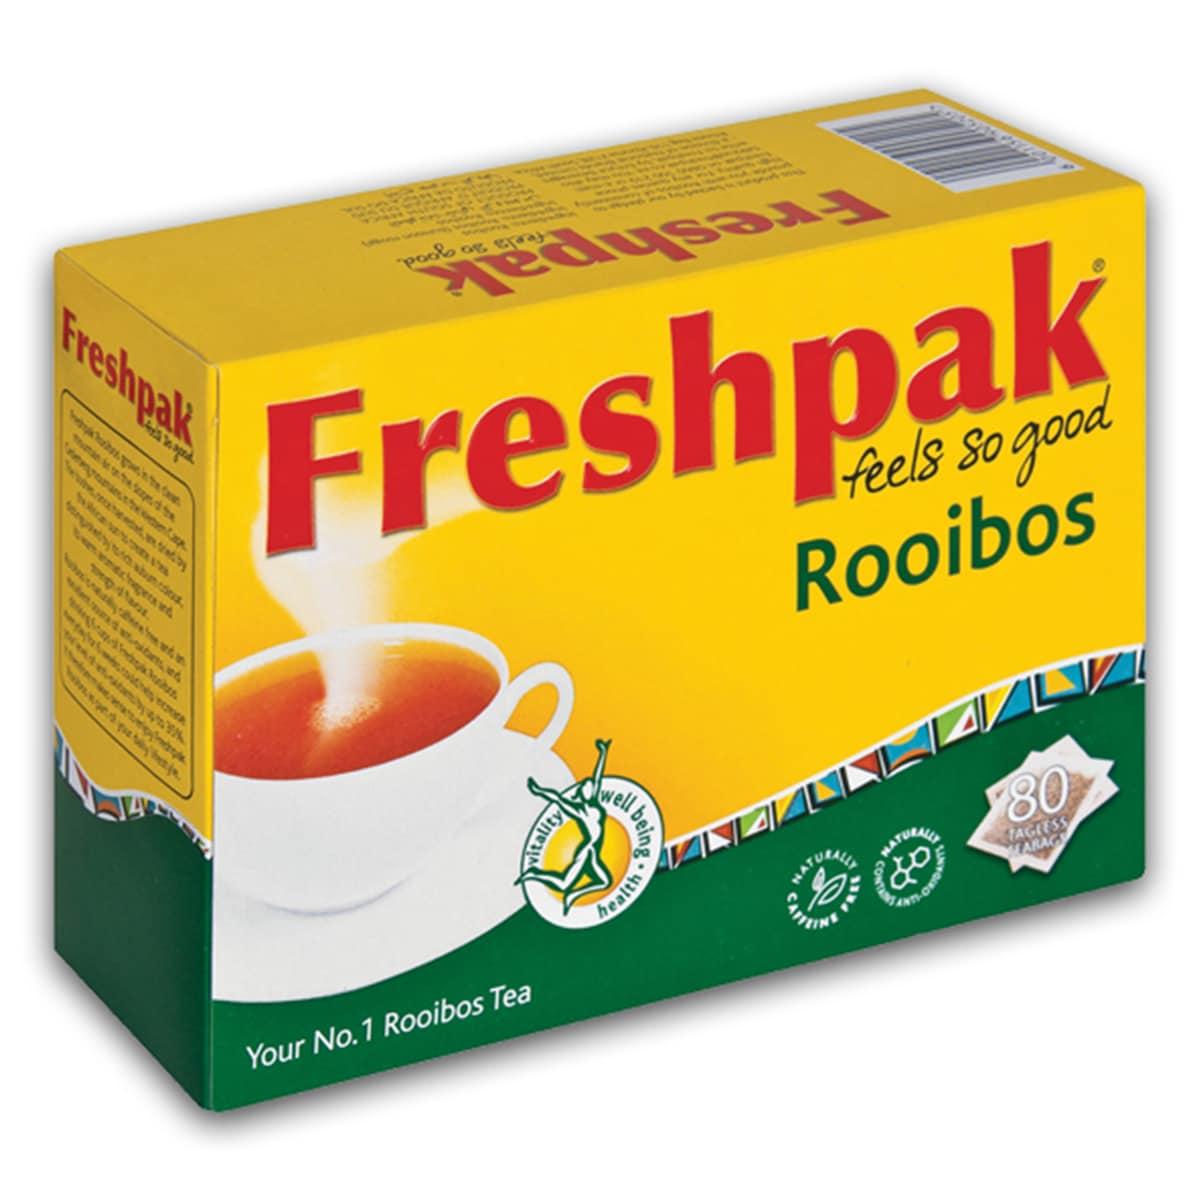 Buy Freshpak Rooibos 80 Tagless Teabags - 200 gm